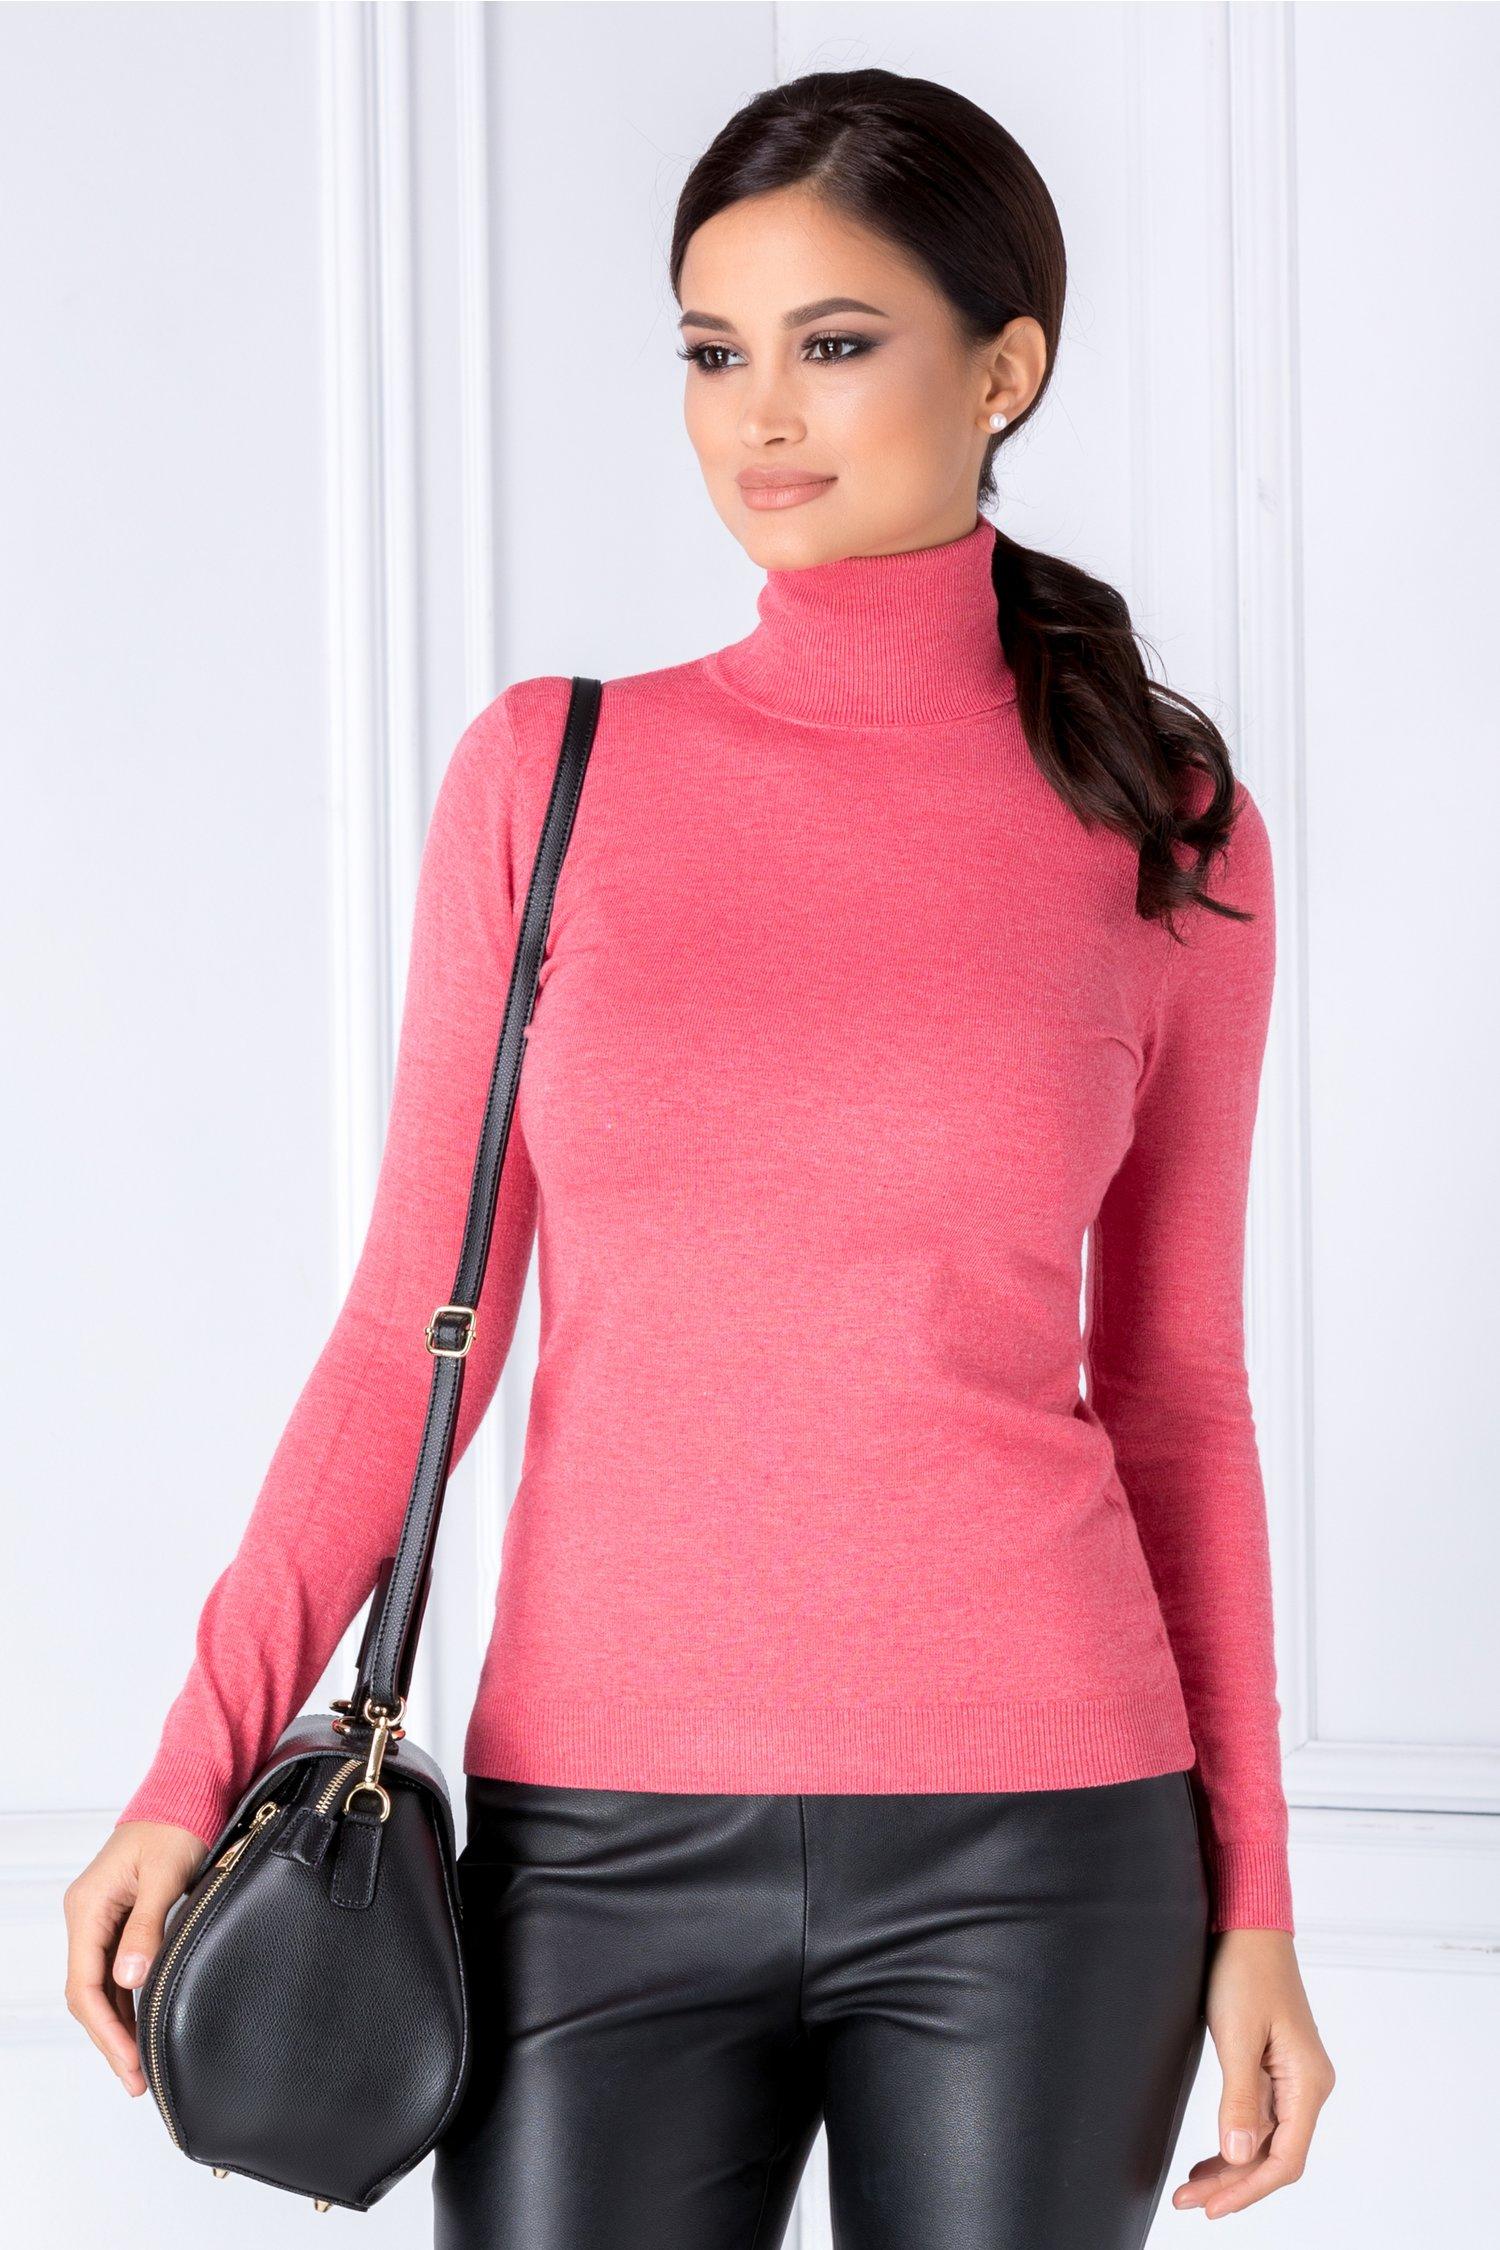 Maleta Simi roz inchis thumbnail